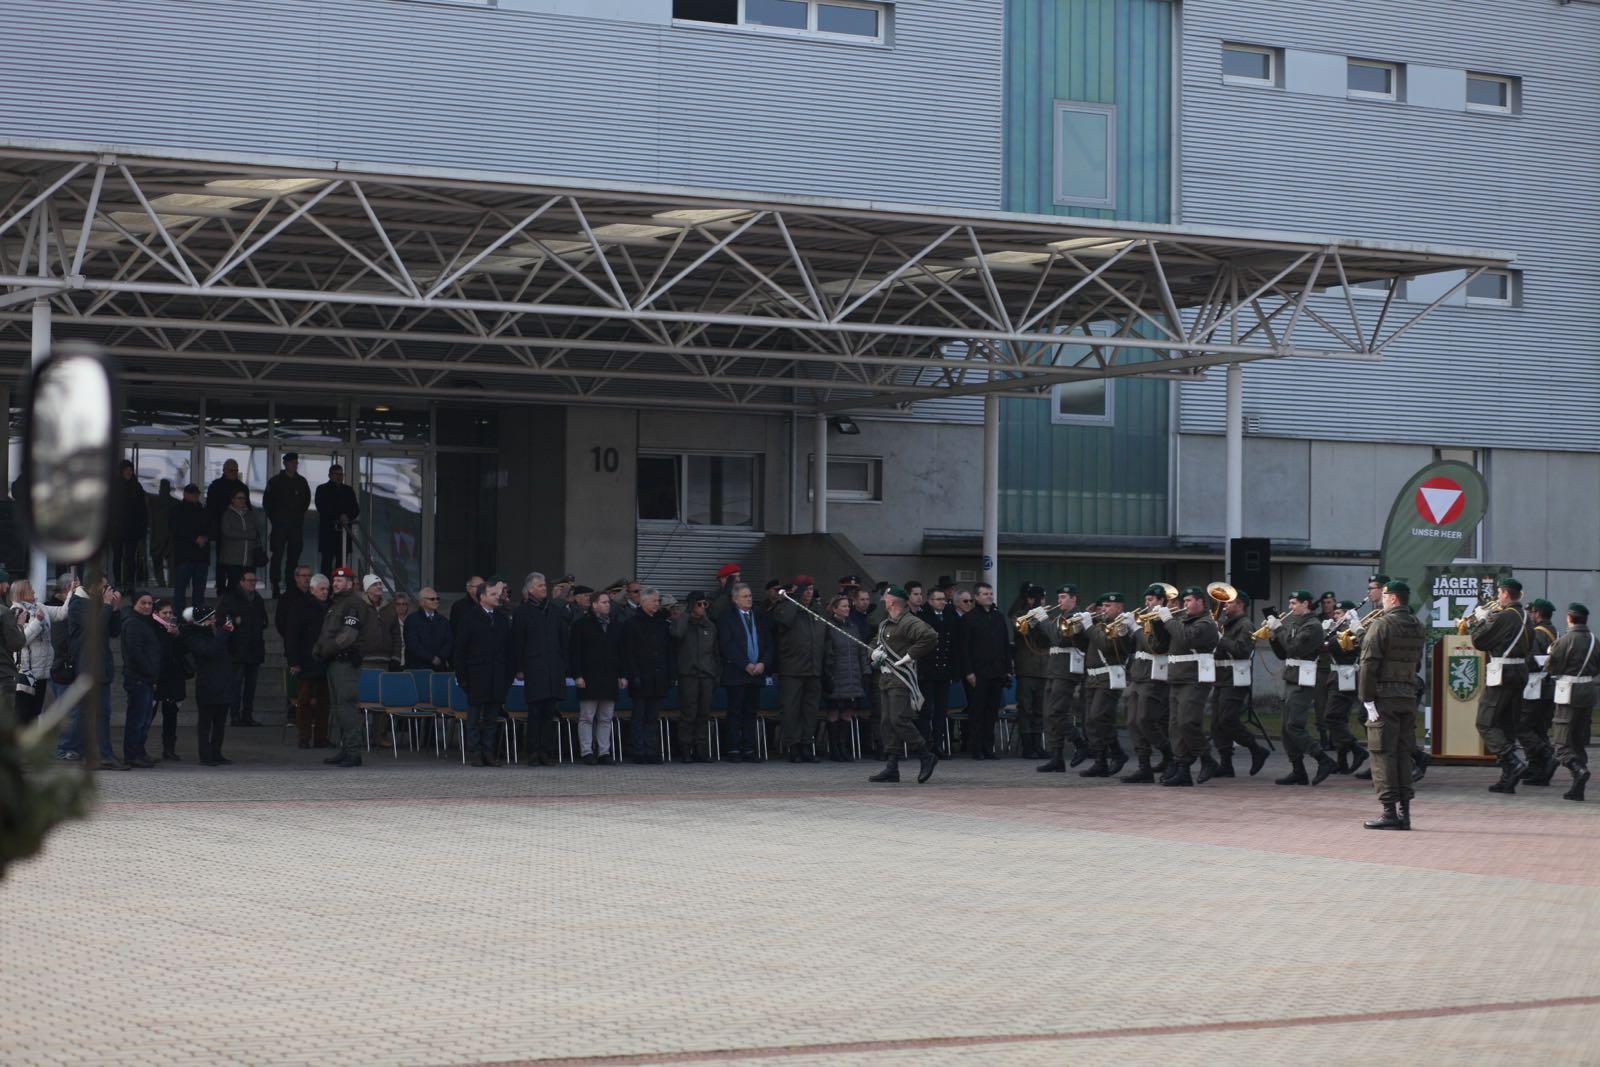 2019_02_08_5Gardekompanie_KPE_EUFOR30_Verabschiedung - 47 of 61